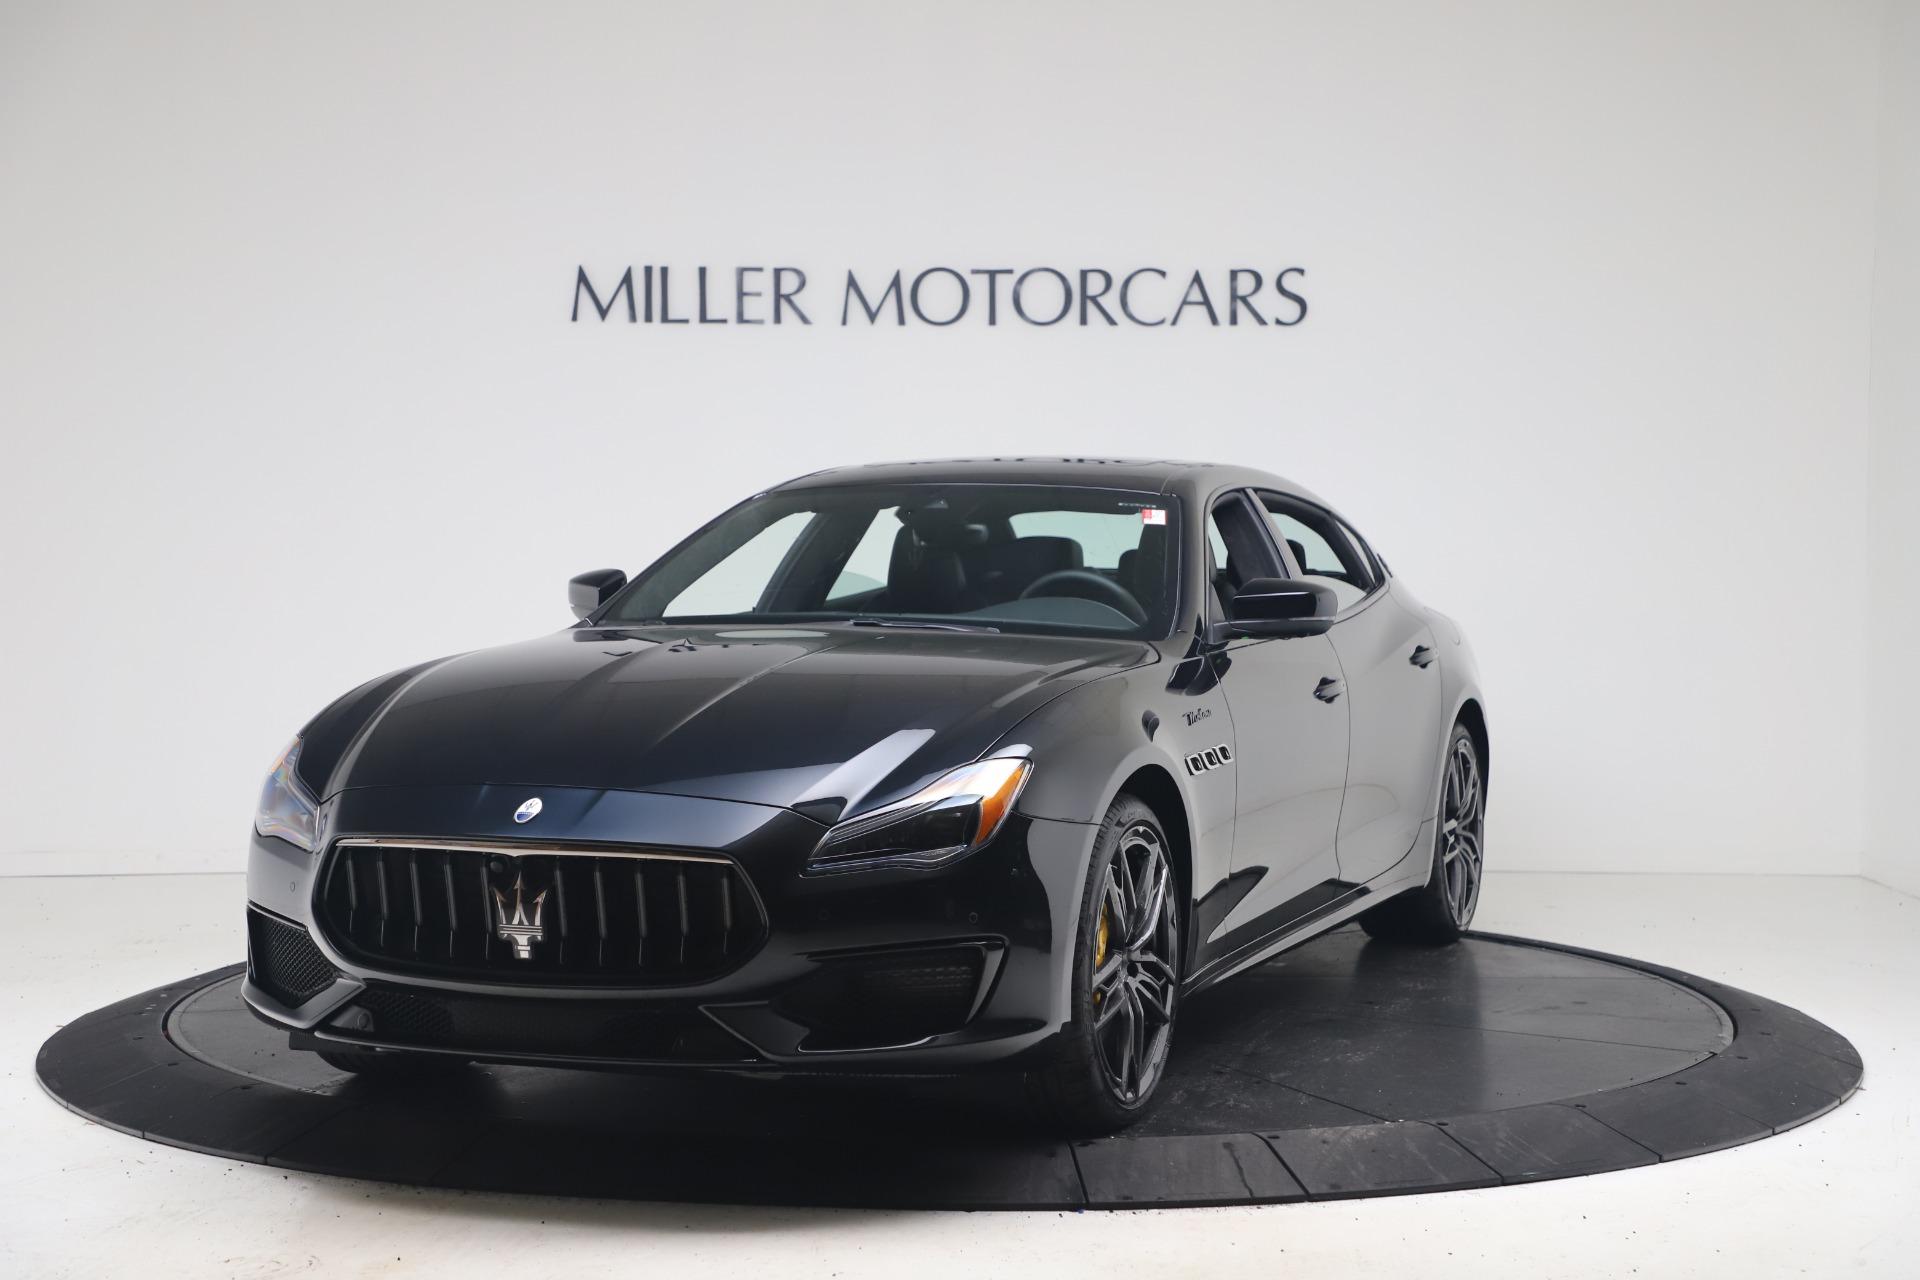 New 2022 Maserati Quattroporte Modena Q4 for sale $131,195 at Pagani of Greenwich in Greenwich CT 06830 1